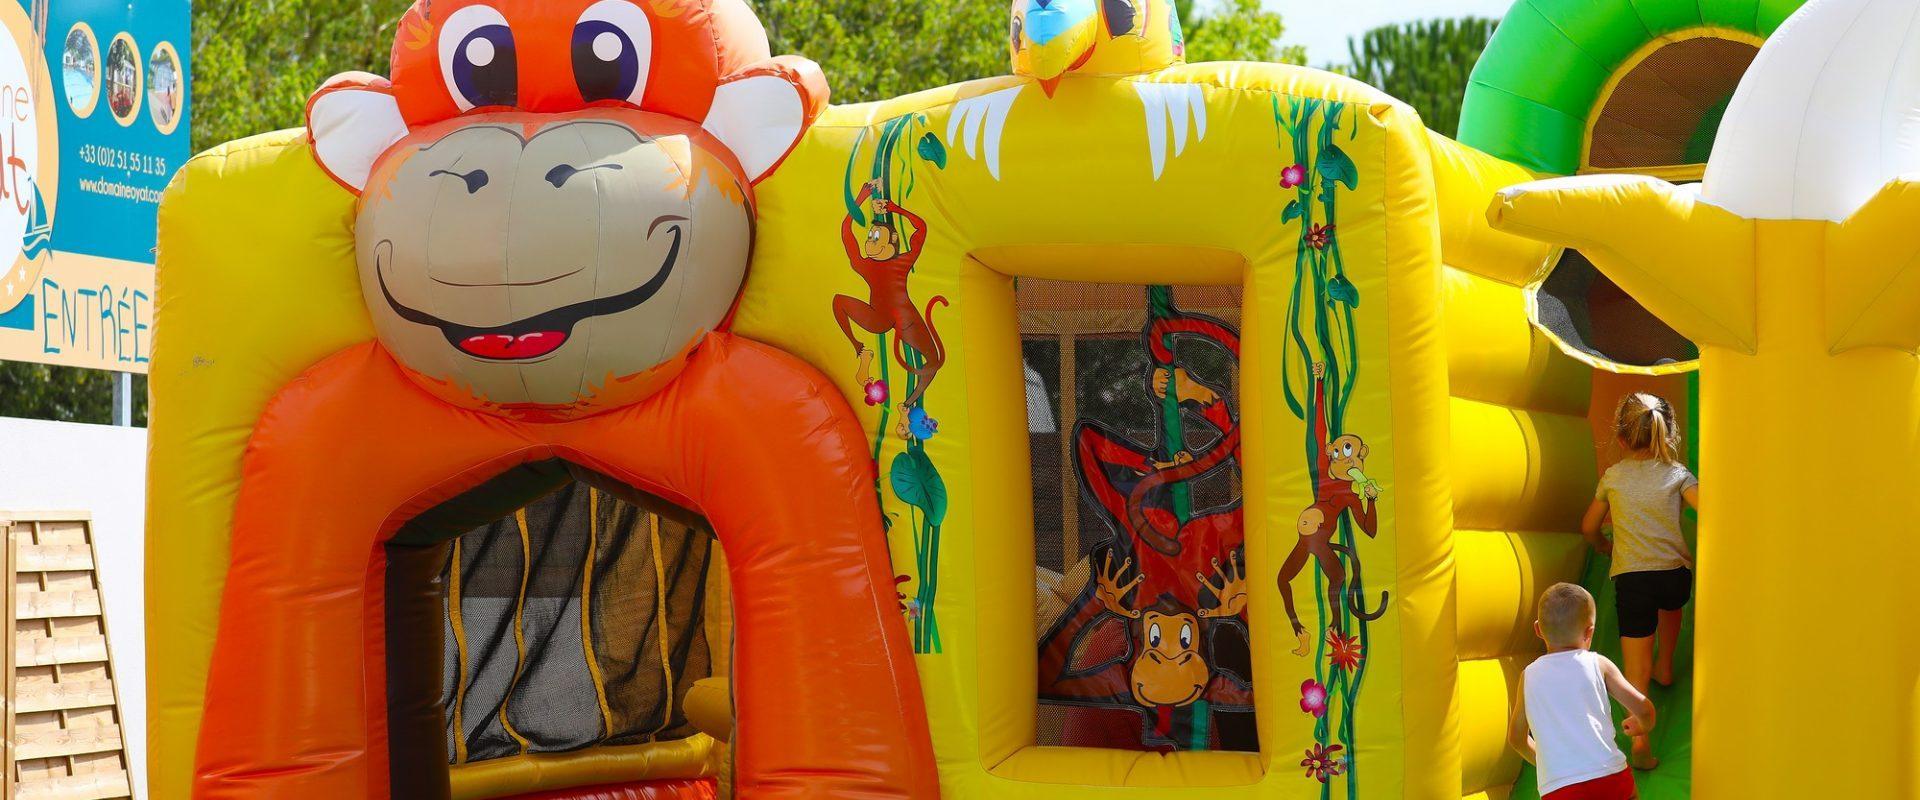 jeux gonflables camping saint gilles croix de vie